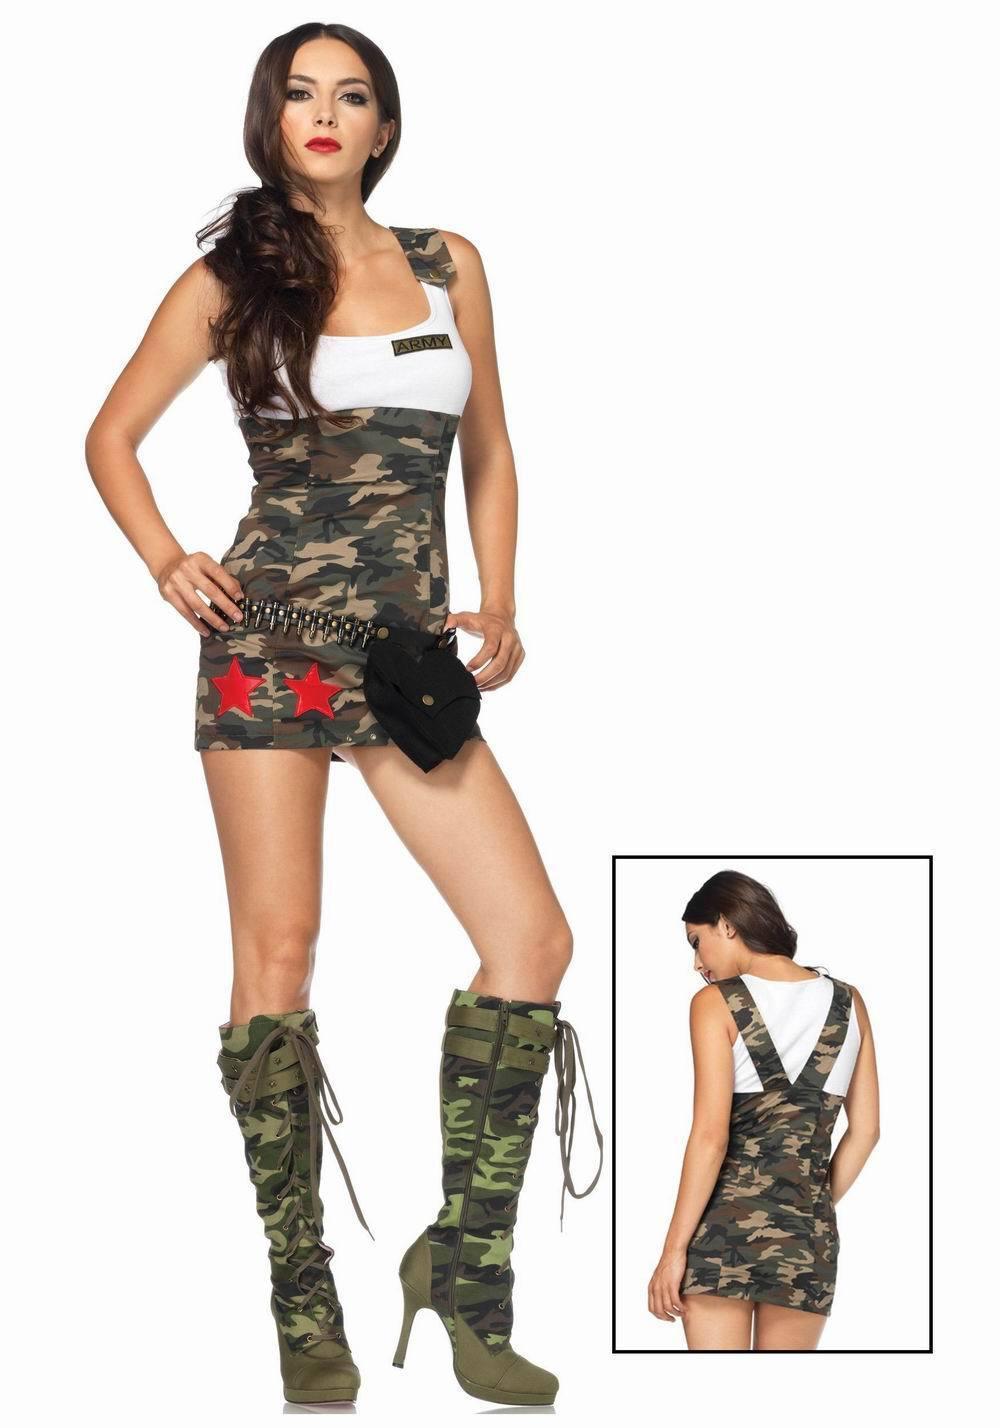 Солдатка в юбке 11 фотография